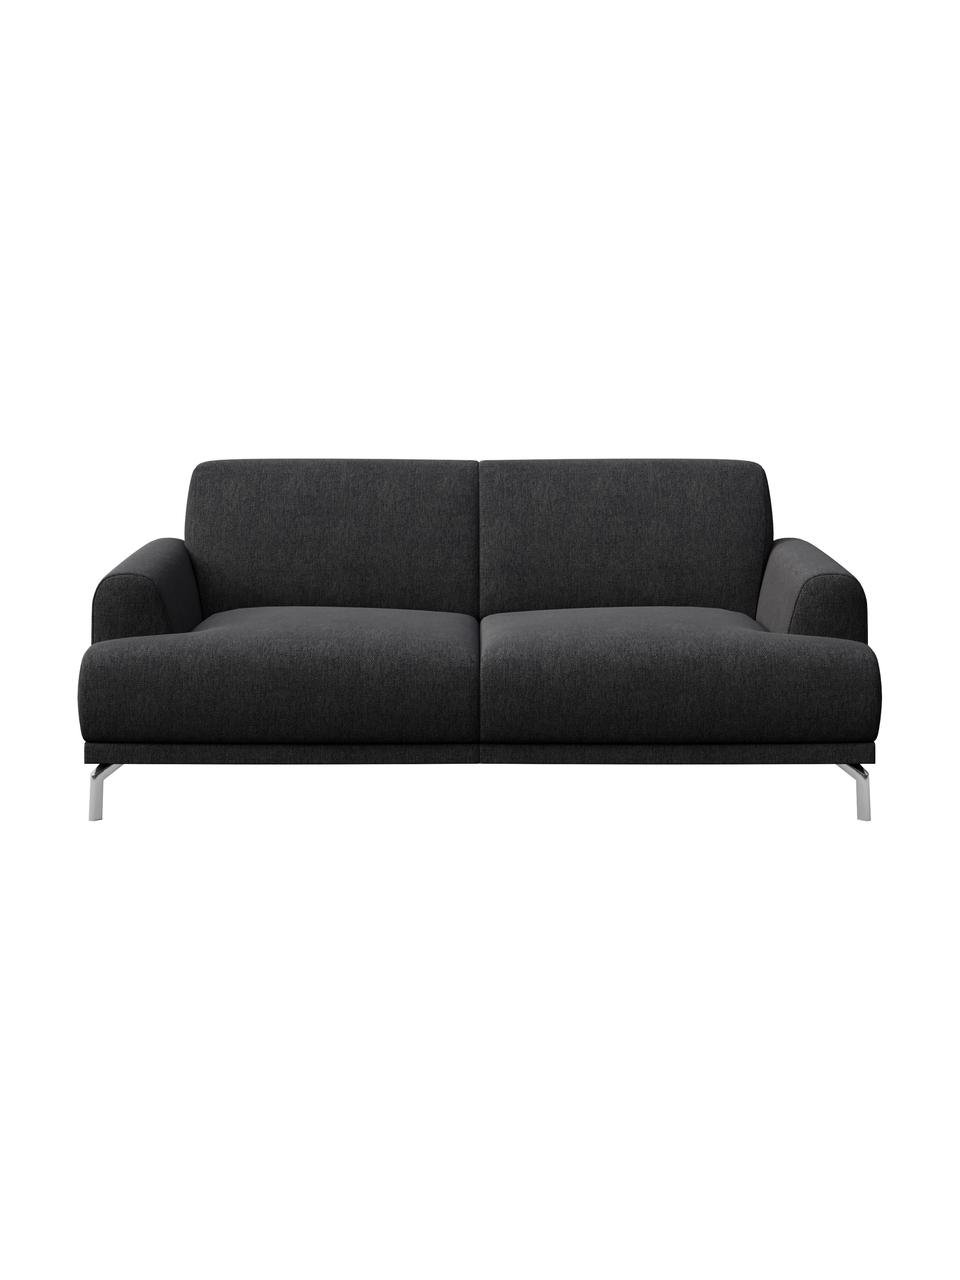 Sofa Puzo (2-osobowa), Tapicerka: 100% poliester, Nogi: metal lakierowany, Ciemnyszary, S 170 x G 84 cm